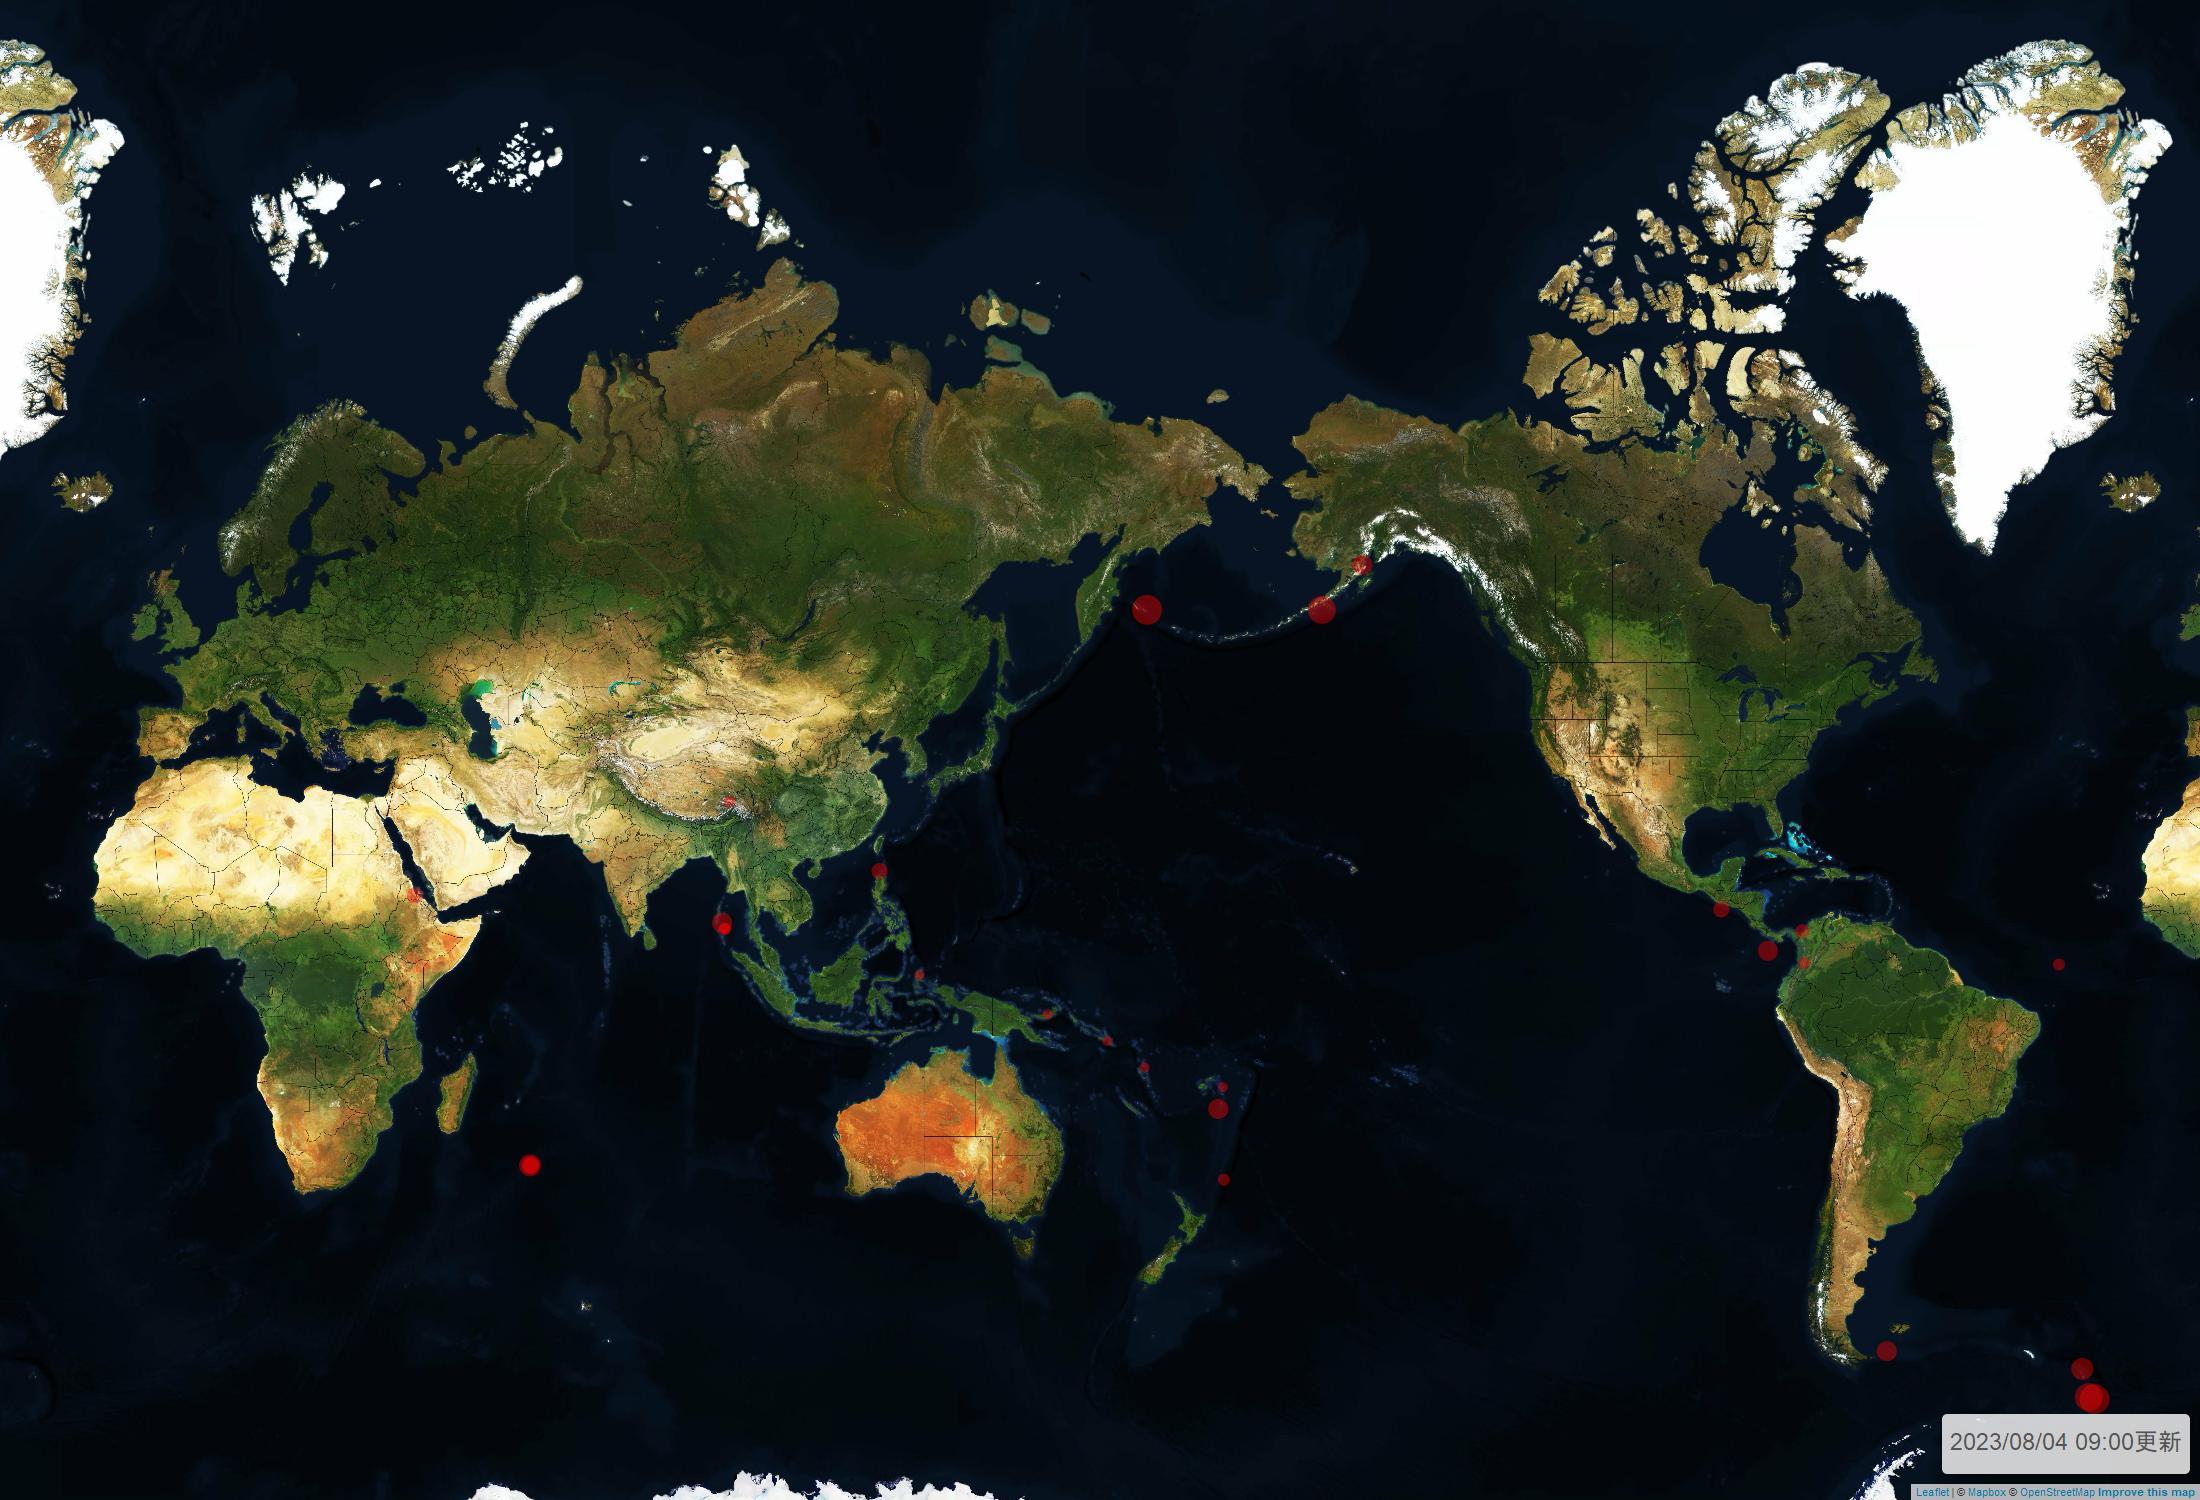 latestearthquake